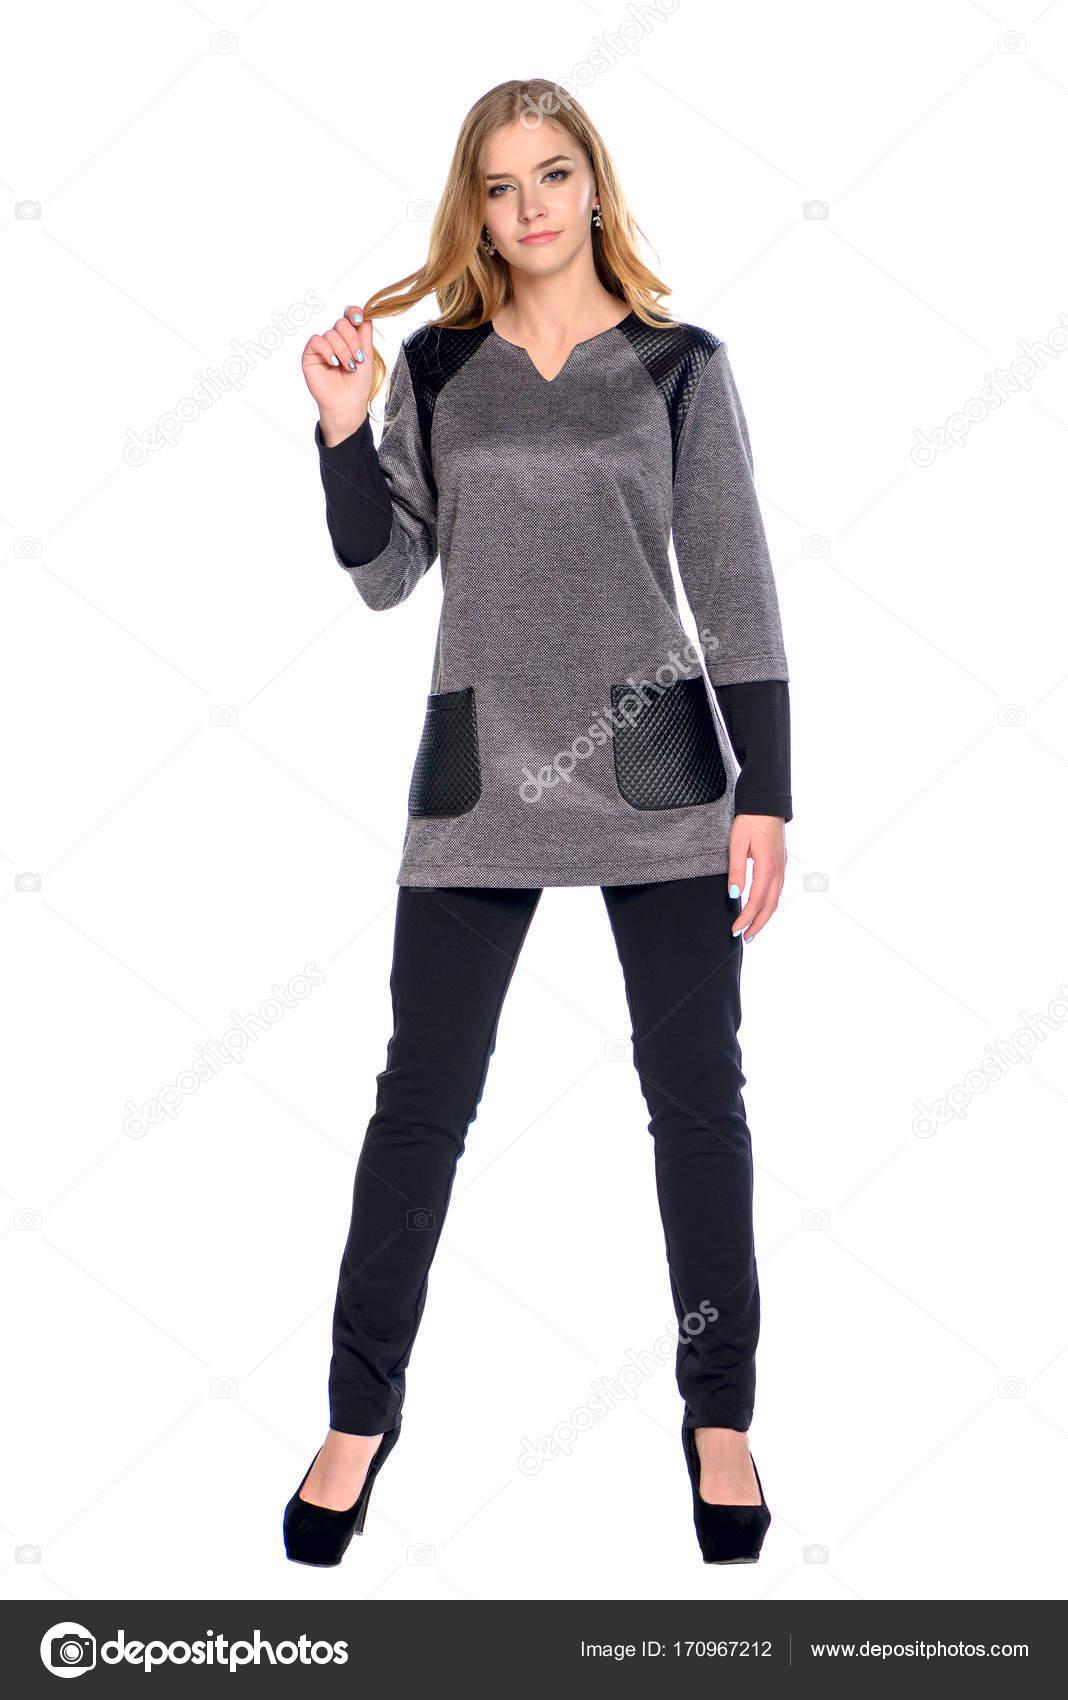 edb5a803ef15 elegante ragazza giovane visualizzando vestiti — Foto Stock ...